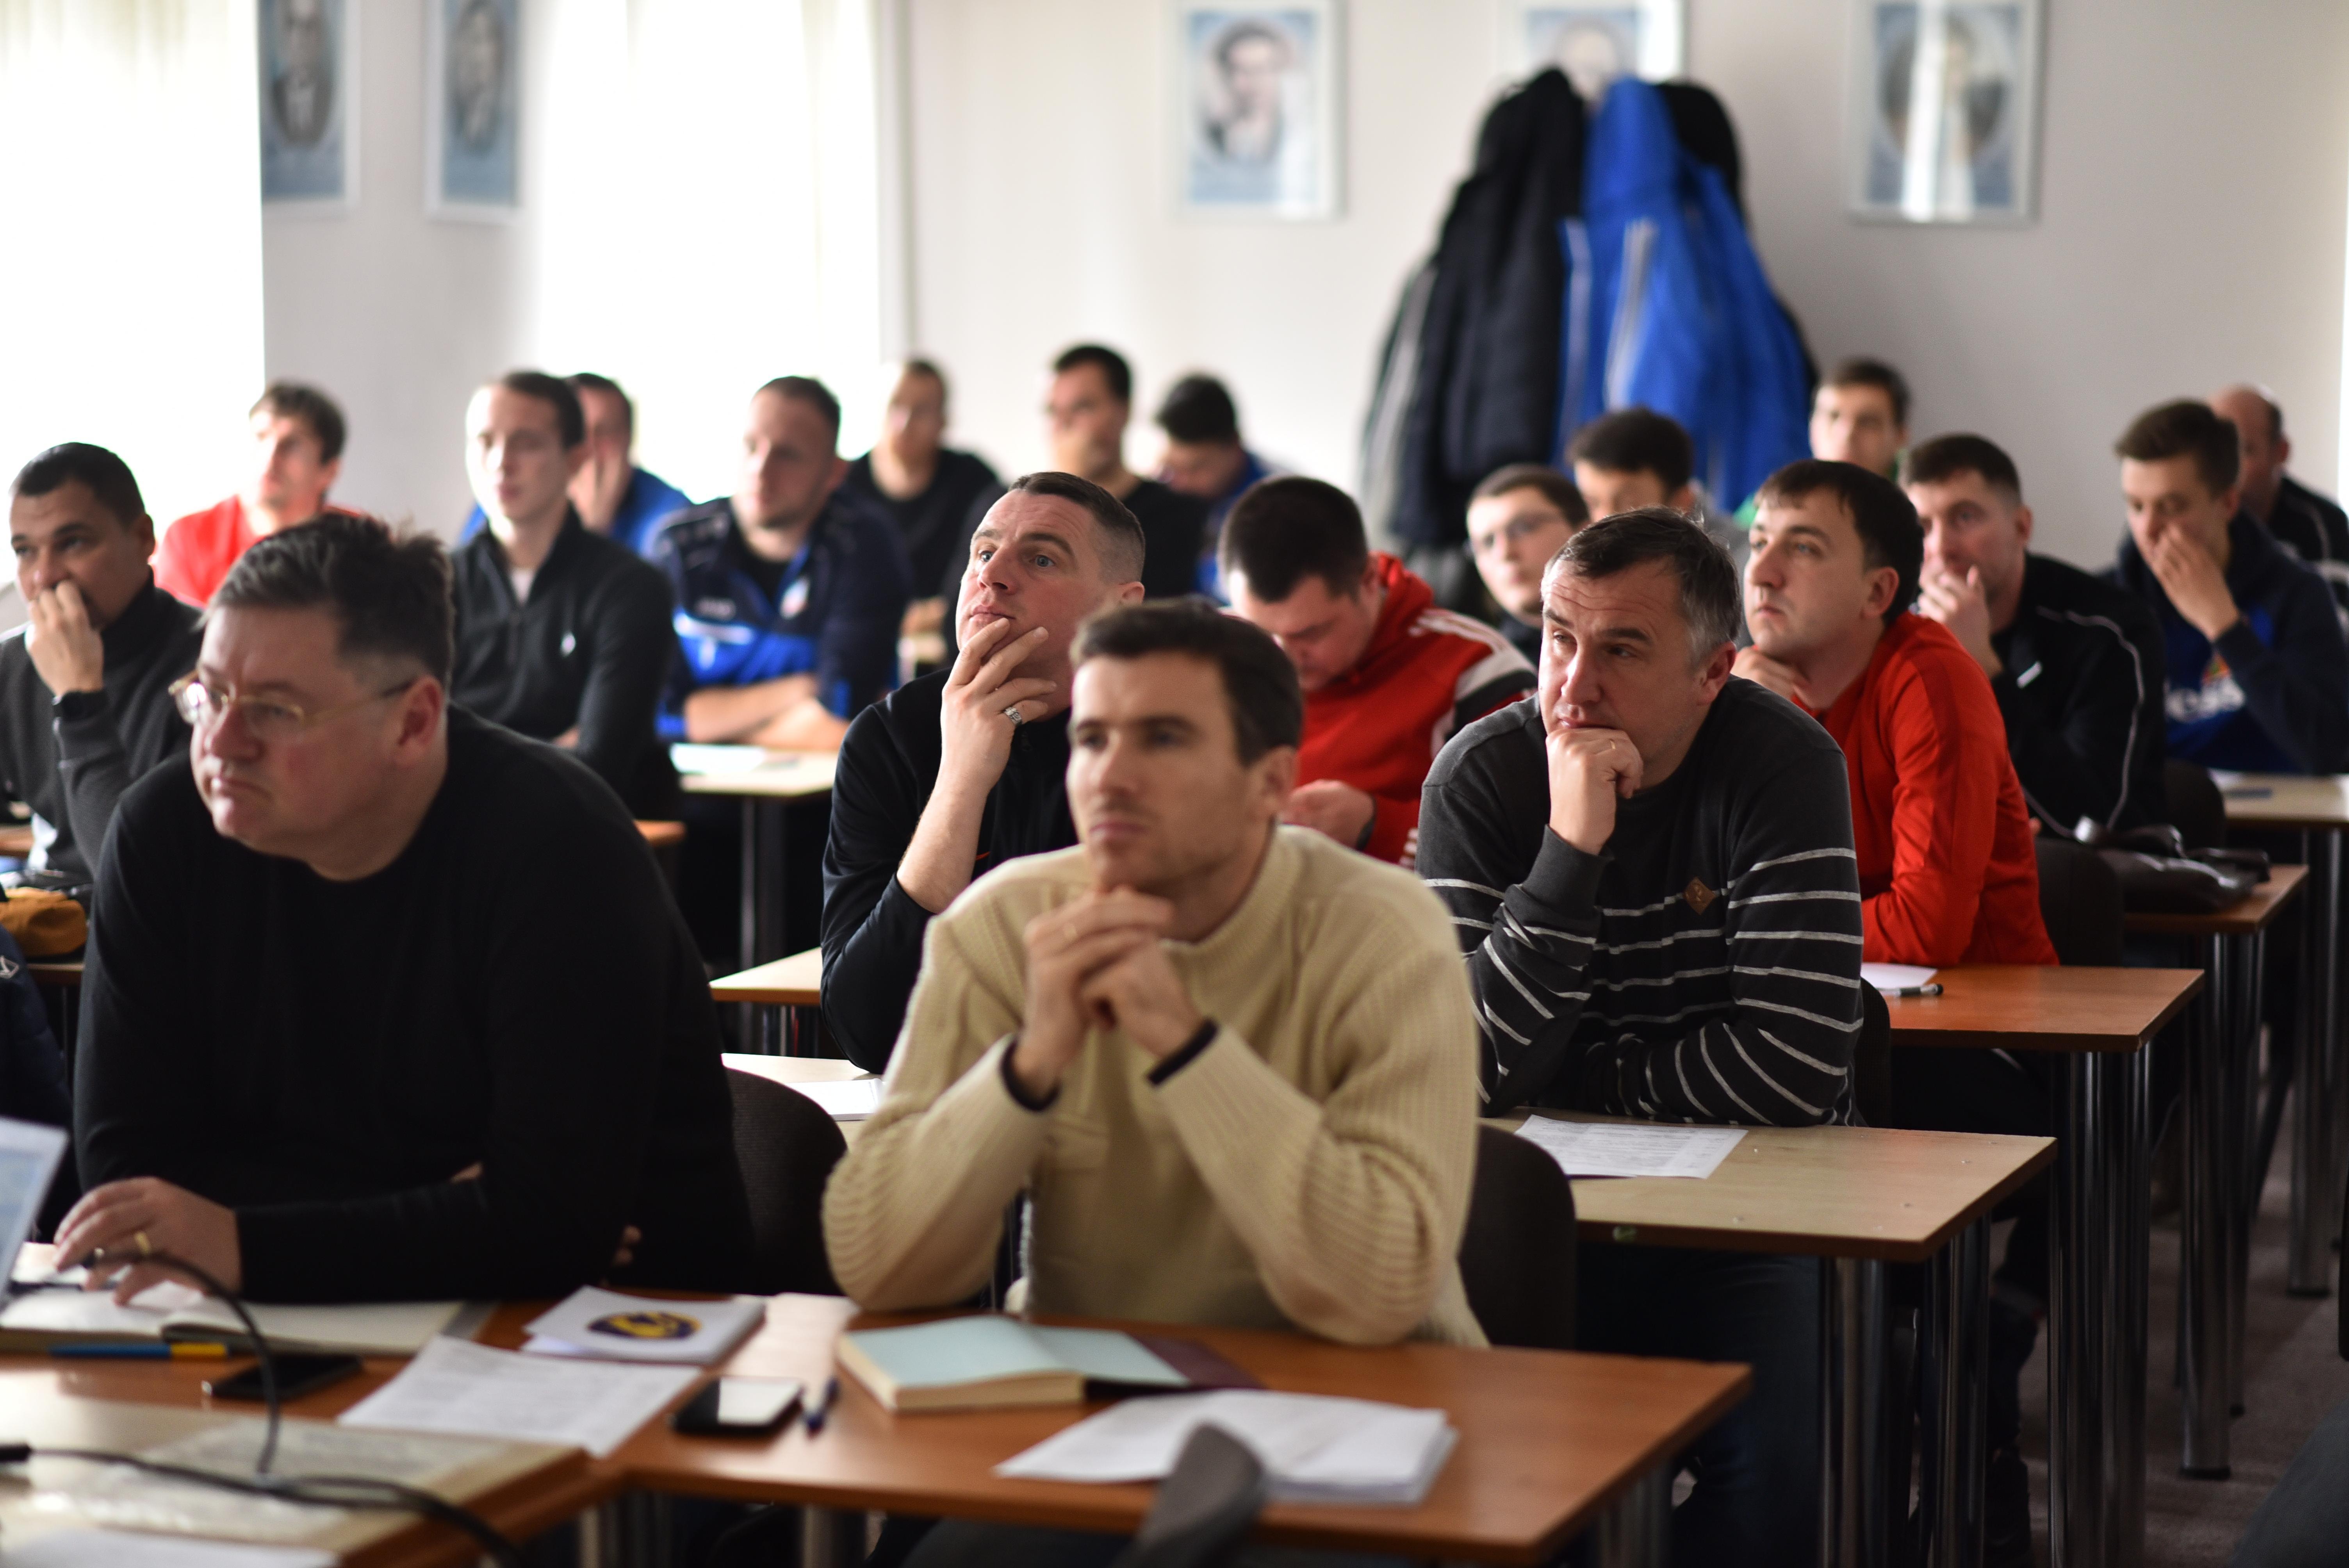 """У Львові розпочалось навчання за програмою """"В"""" диплом UEFA"""